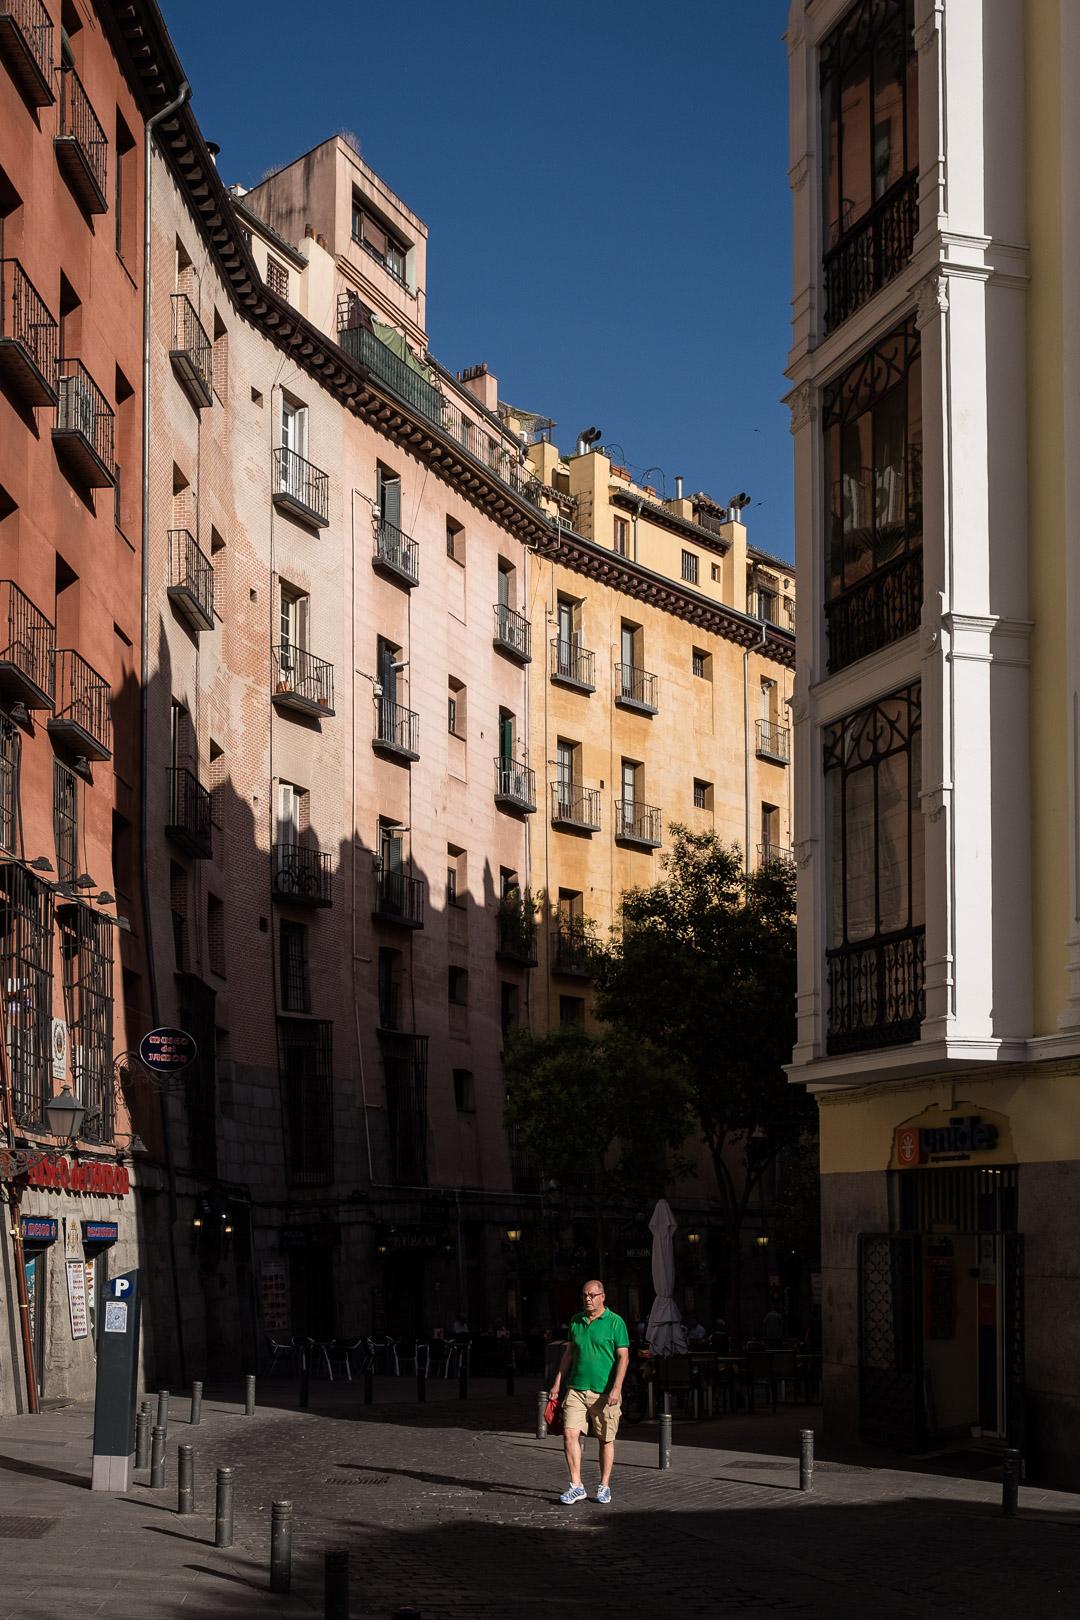 160624-Spain-Madrid-109-1080.jpg